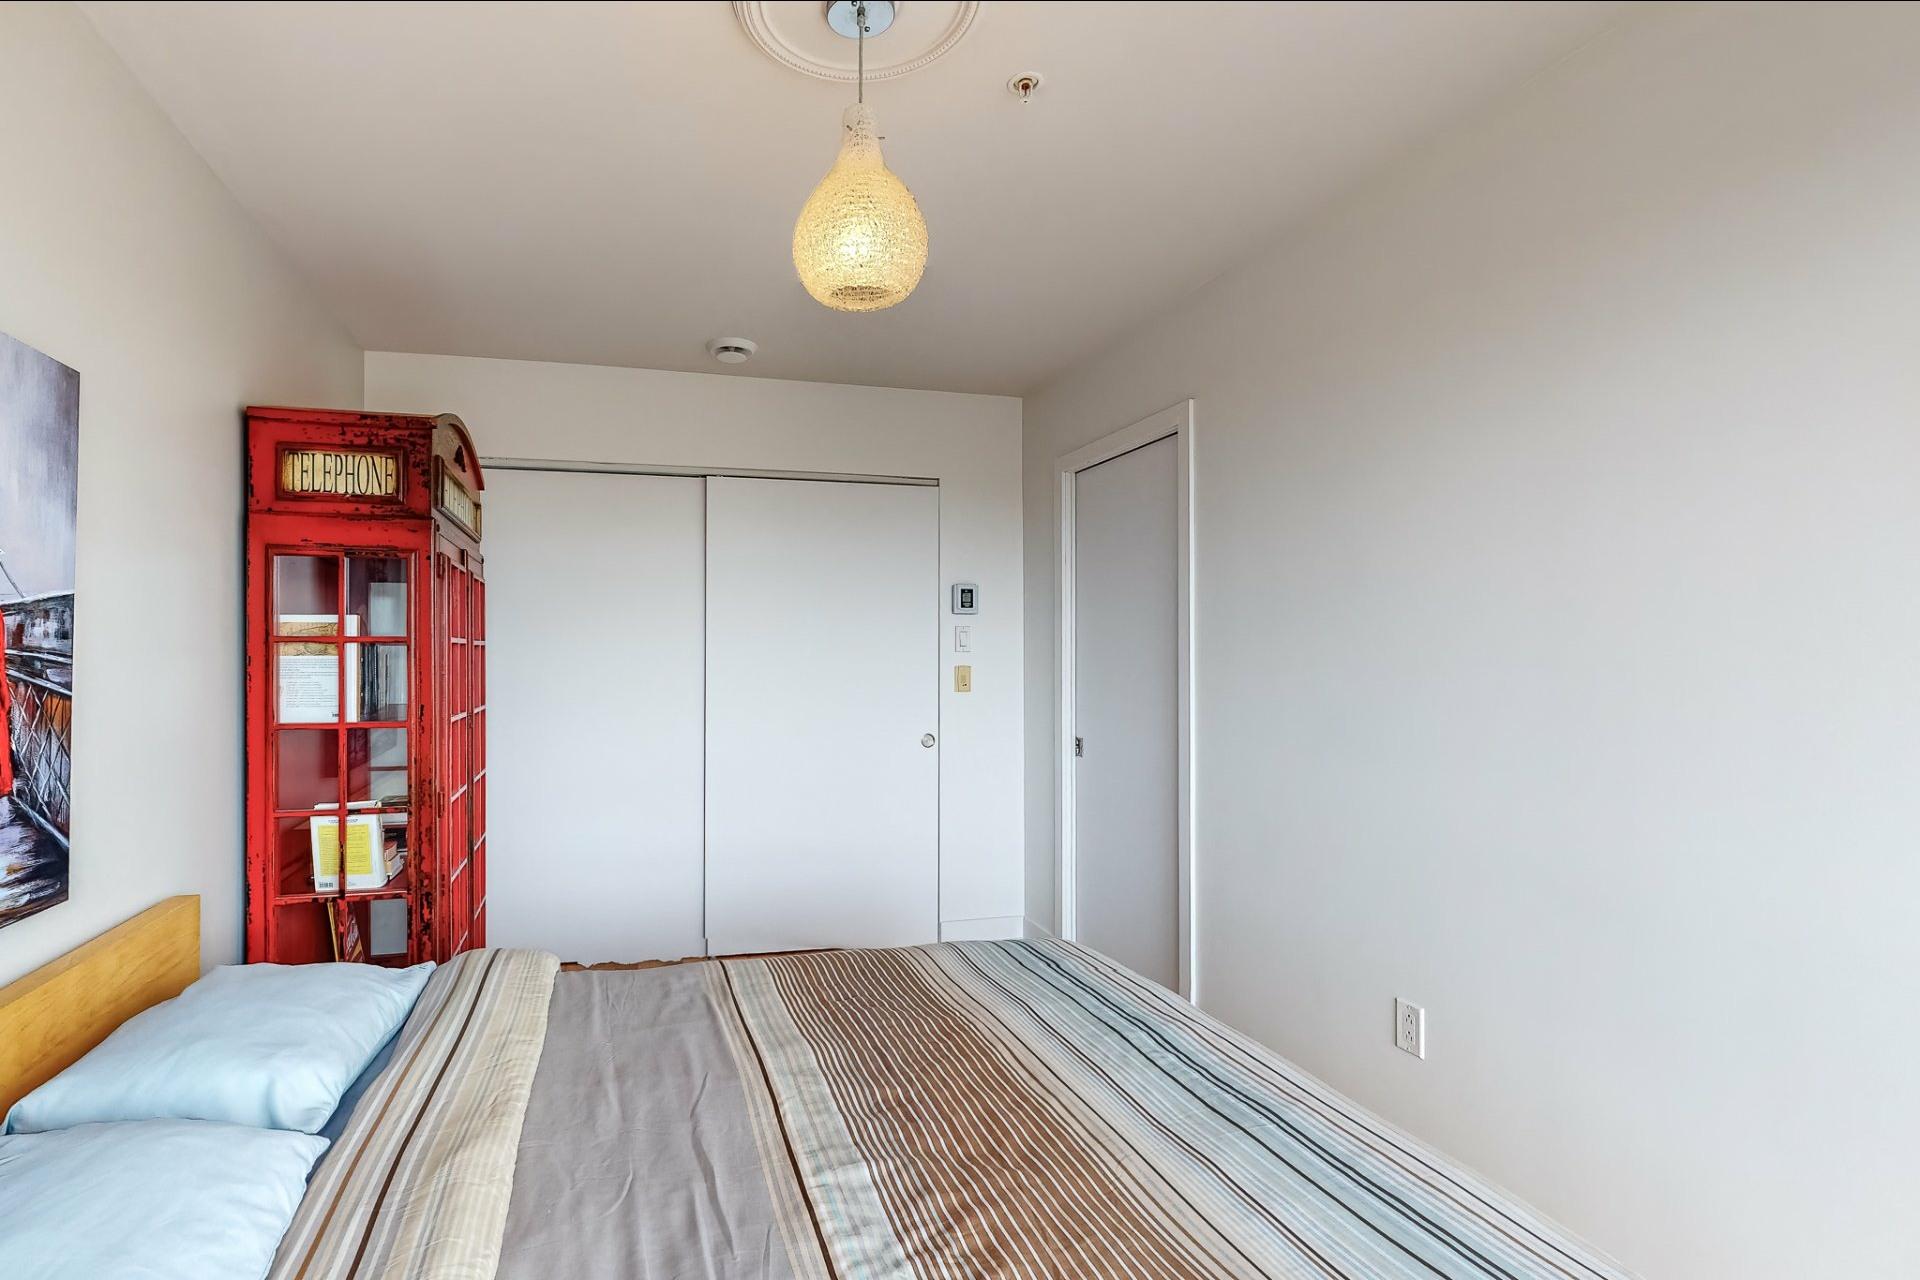 image 11 - Appartement À vendre Rosemont/La Petite-Patrie Montréal  - 3 pièces